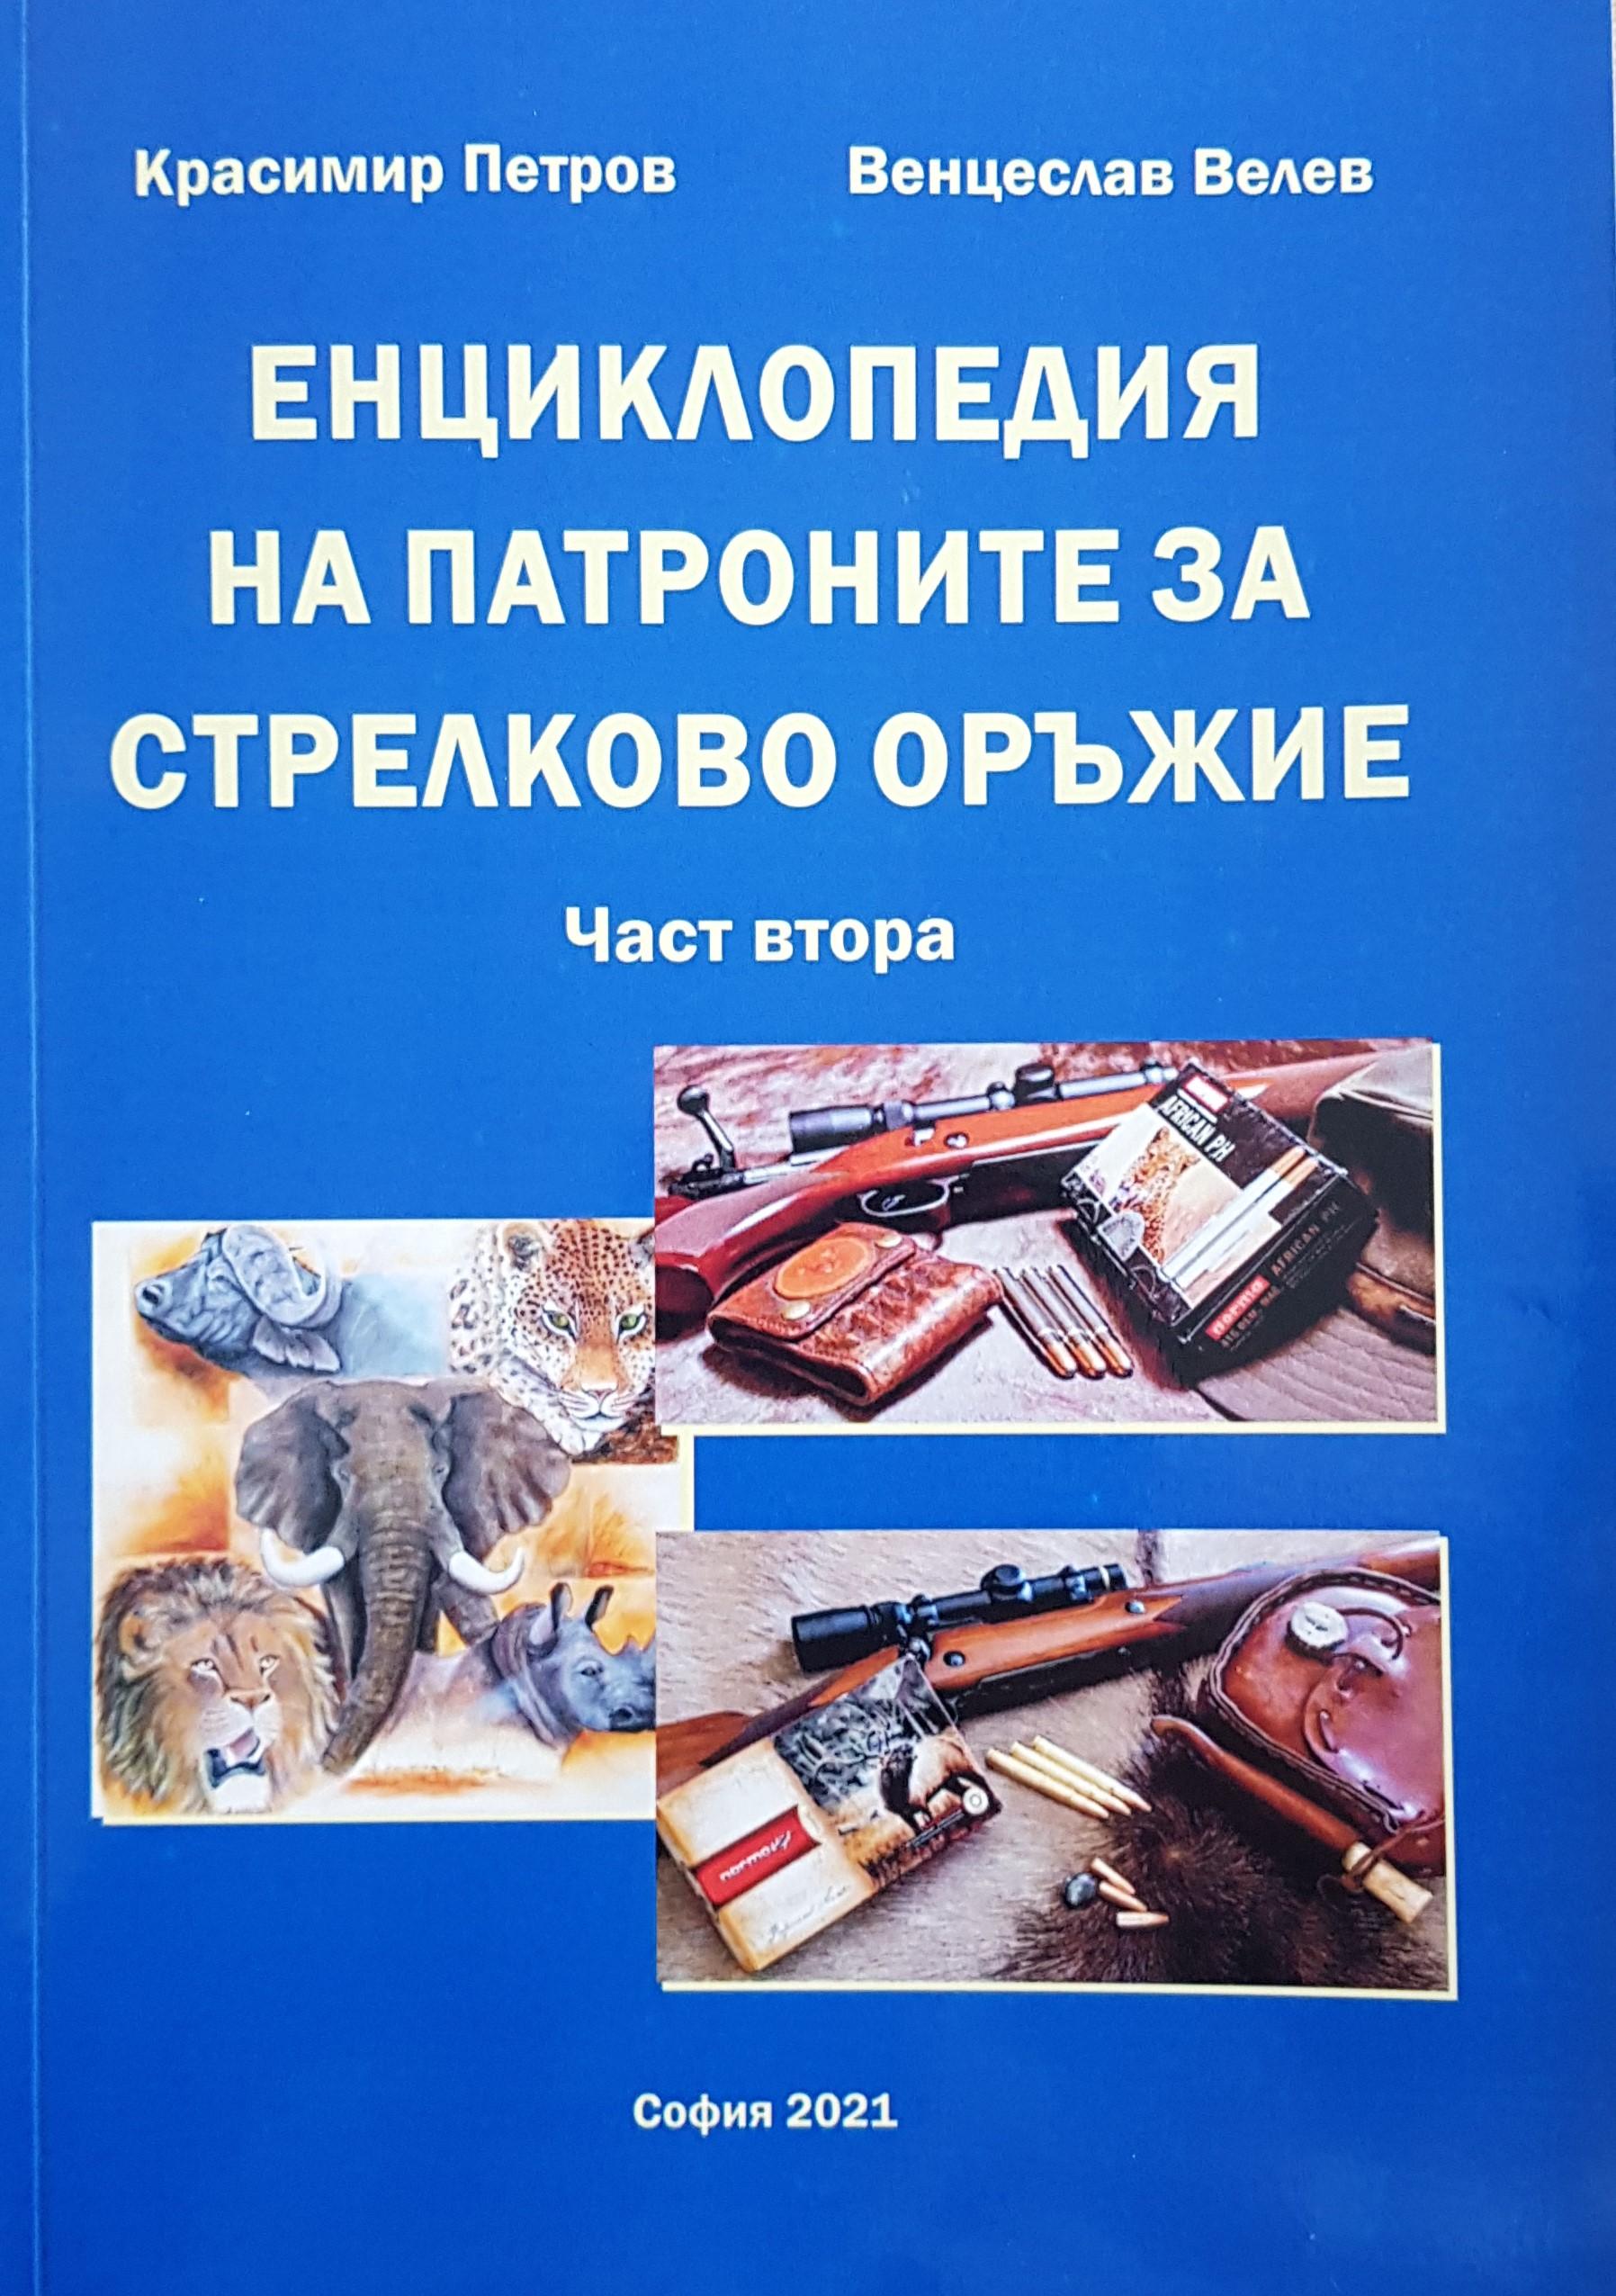 """Книга """"Енциклопедия на патроните за срелково оръжие"""" Ч�"""